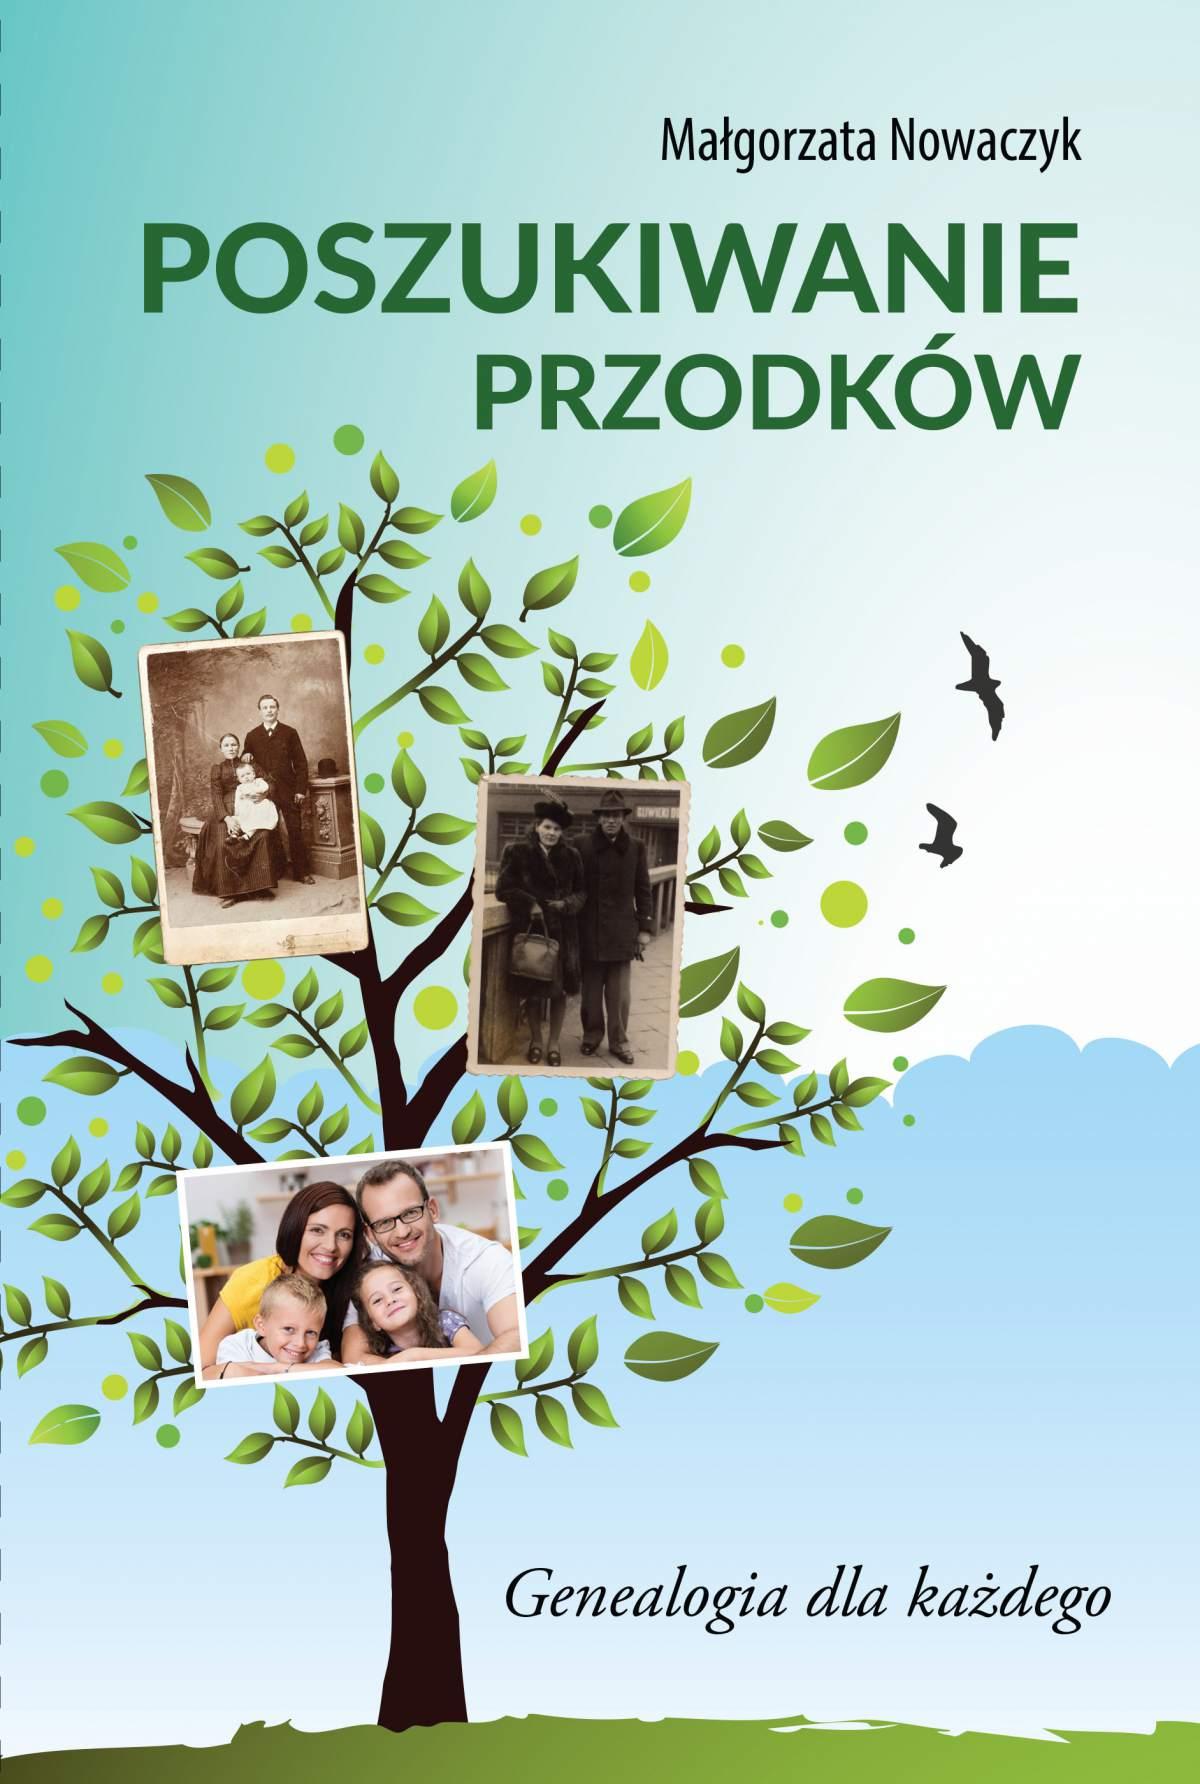 Poszukiwanie przodków. Genealogia dla każdego - Ebook (Książka PDF) do pobrania w formacie PDF